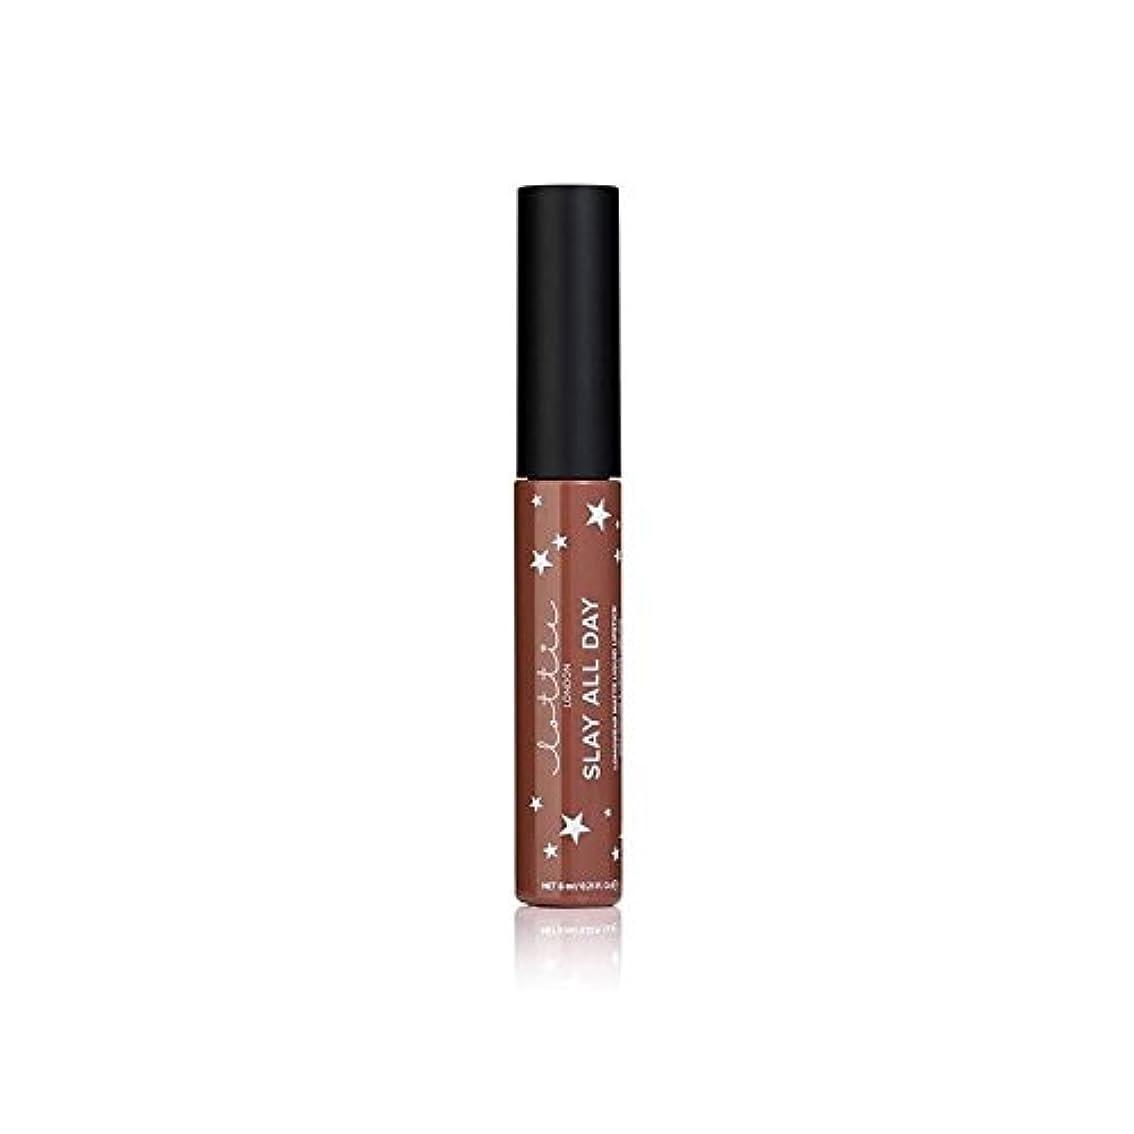 四面体犬ナンセンスLottie London Matte Liquid Lipstick - Hey Bae (Pack of 6) - ロンドンマット液状口紅 - ちょっとペ x6 [並行輸入品]